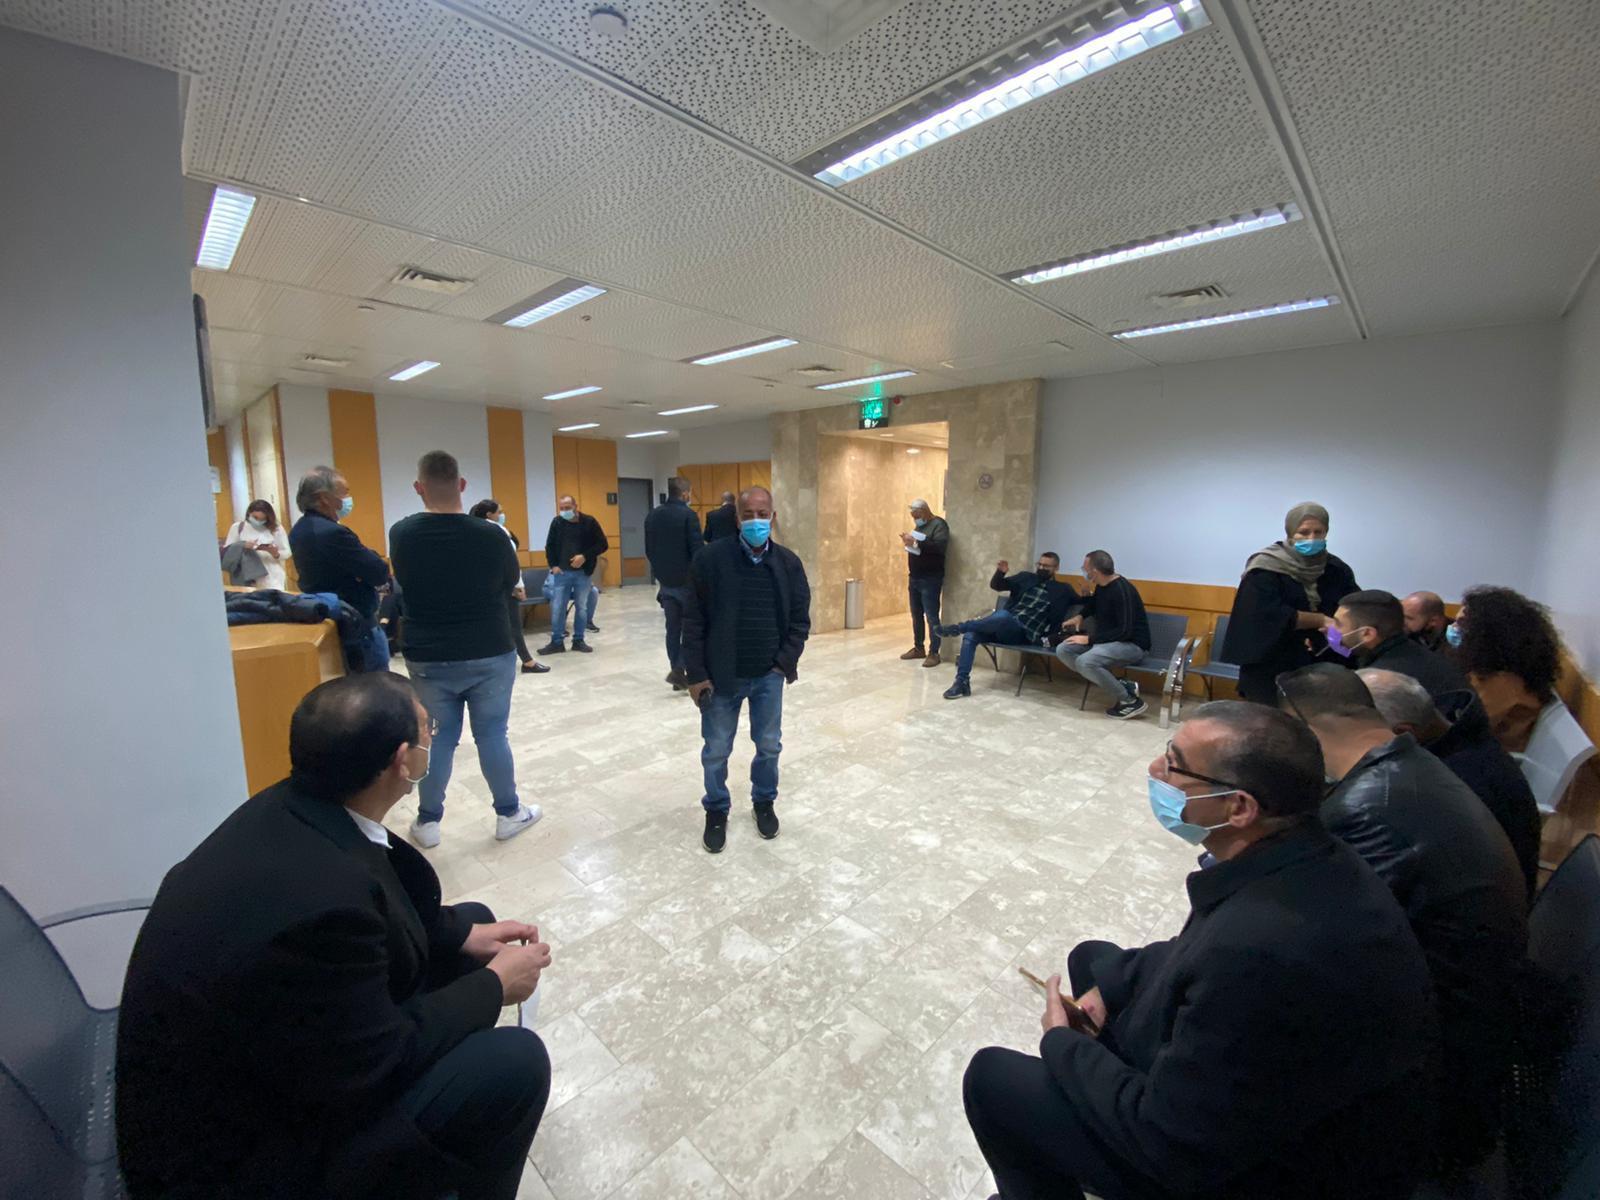 إطلاق سراح معتقلي المظاهرة الاحتجاجية ضد نتنياهو بالناصرة